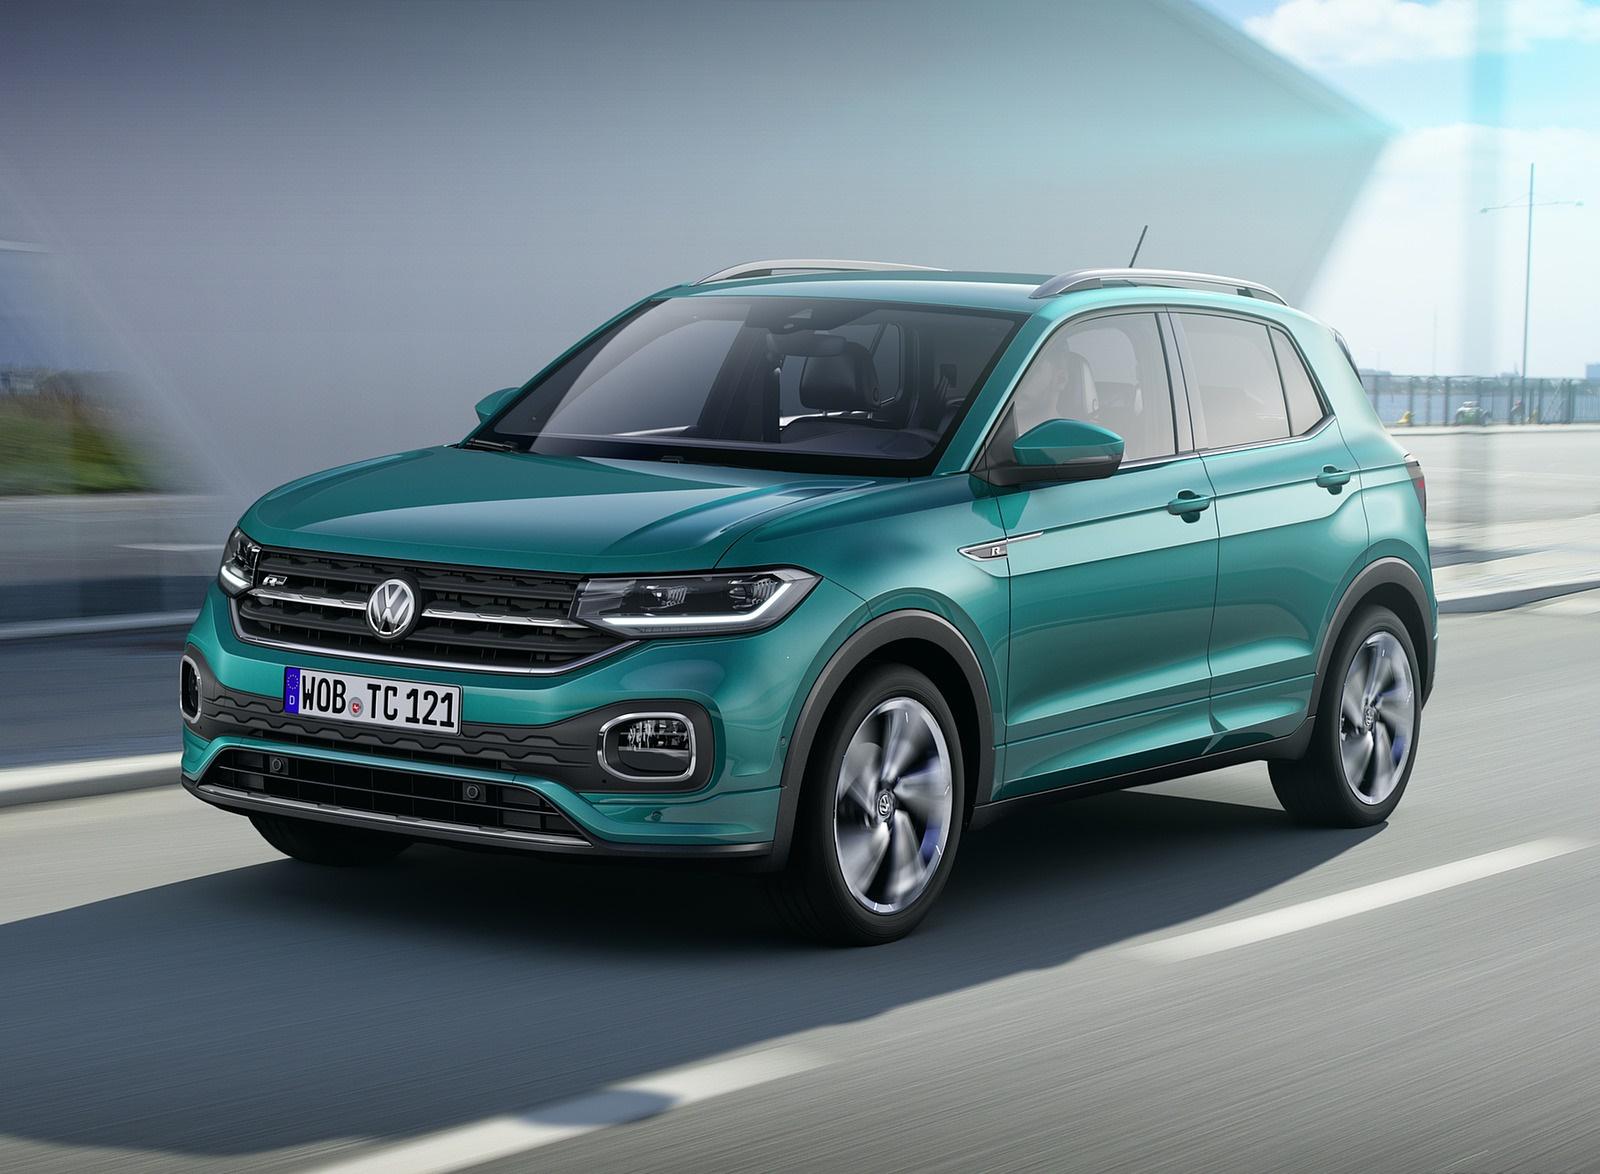 2019 Volkswagen T-Cross Front Three-Quarter Wallpapers #47 of 74